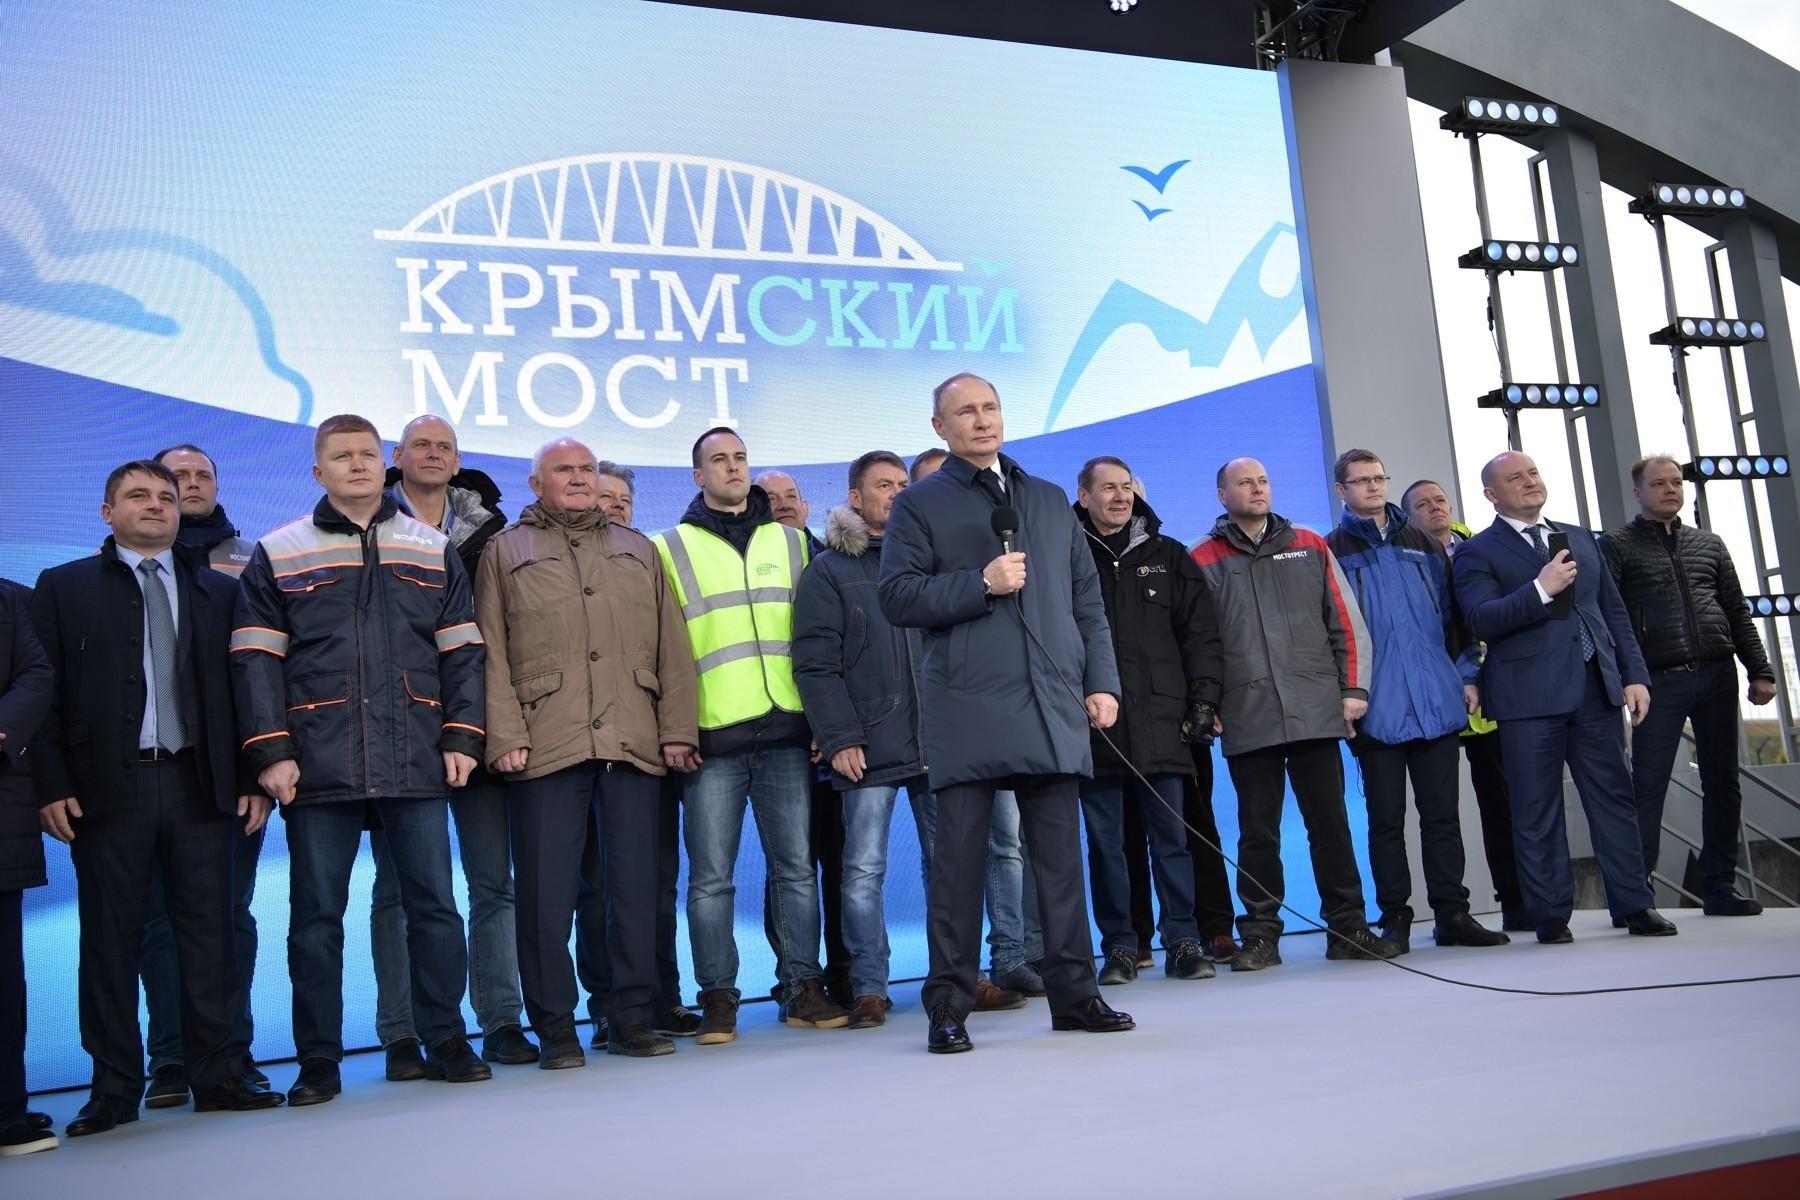 Открыто пассажирское железнодорожное движение по Крымскому мосту